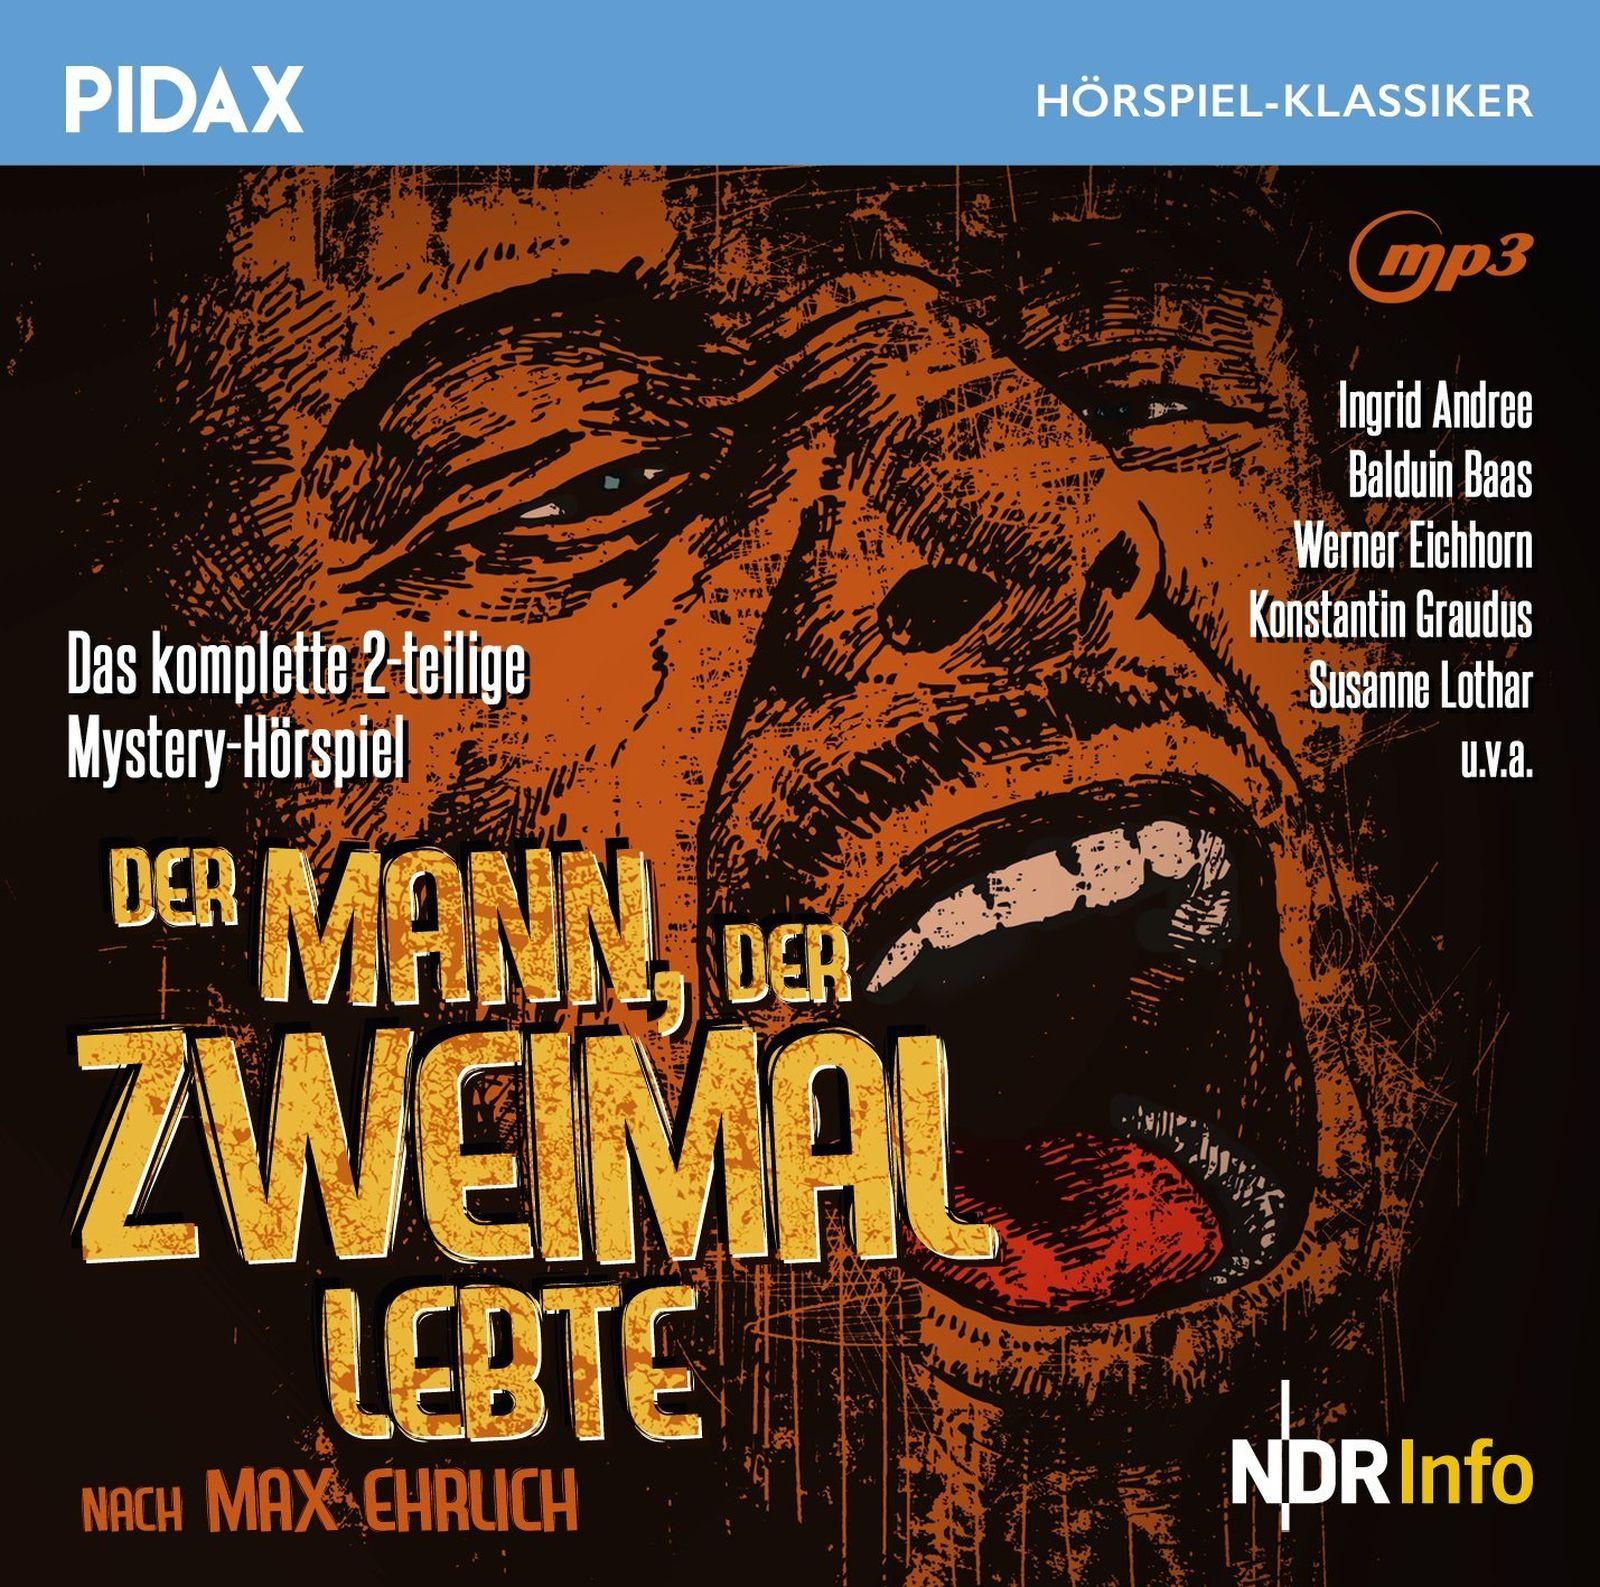 Pidax Hörspiel Klassiker - Der Mann, der zweimal lebte